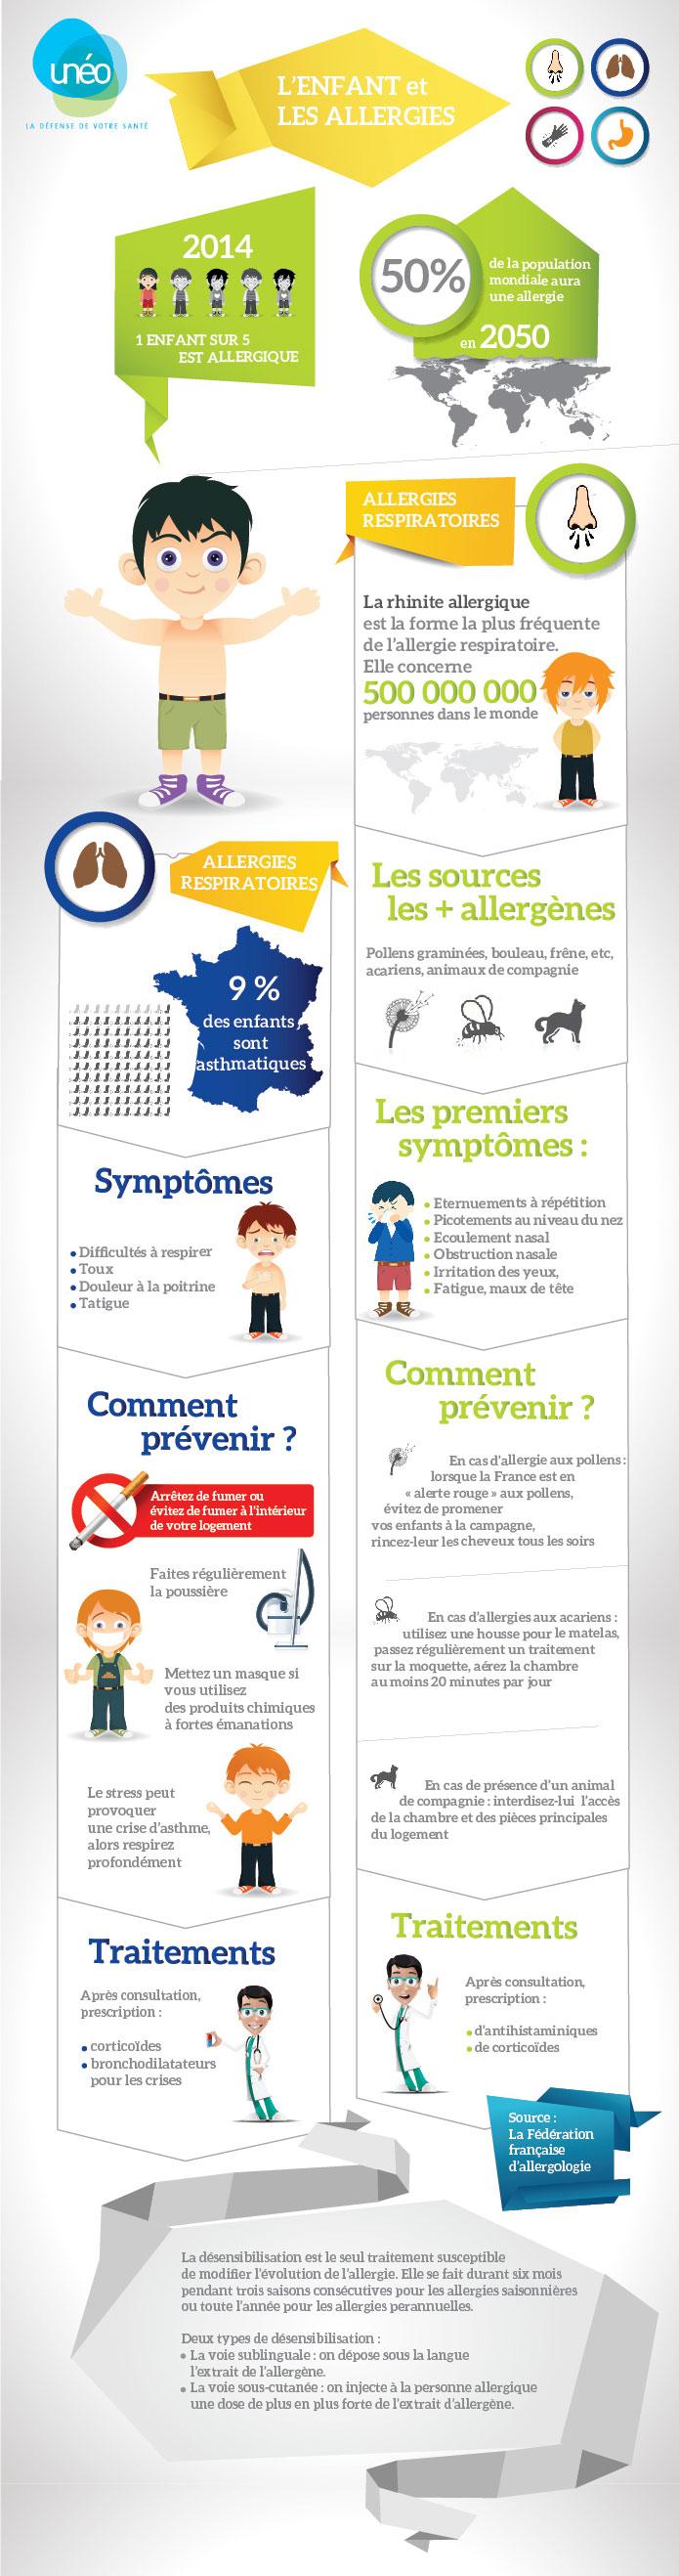 infographie uneo l'enfant et les allergies